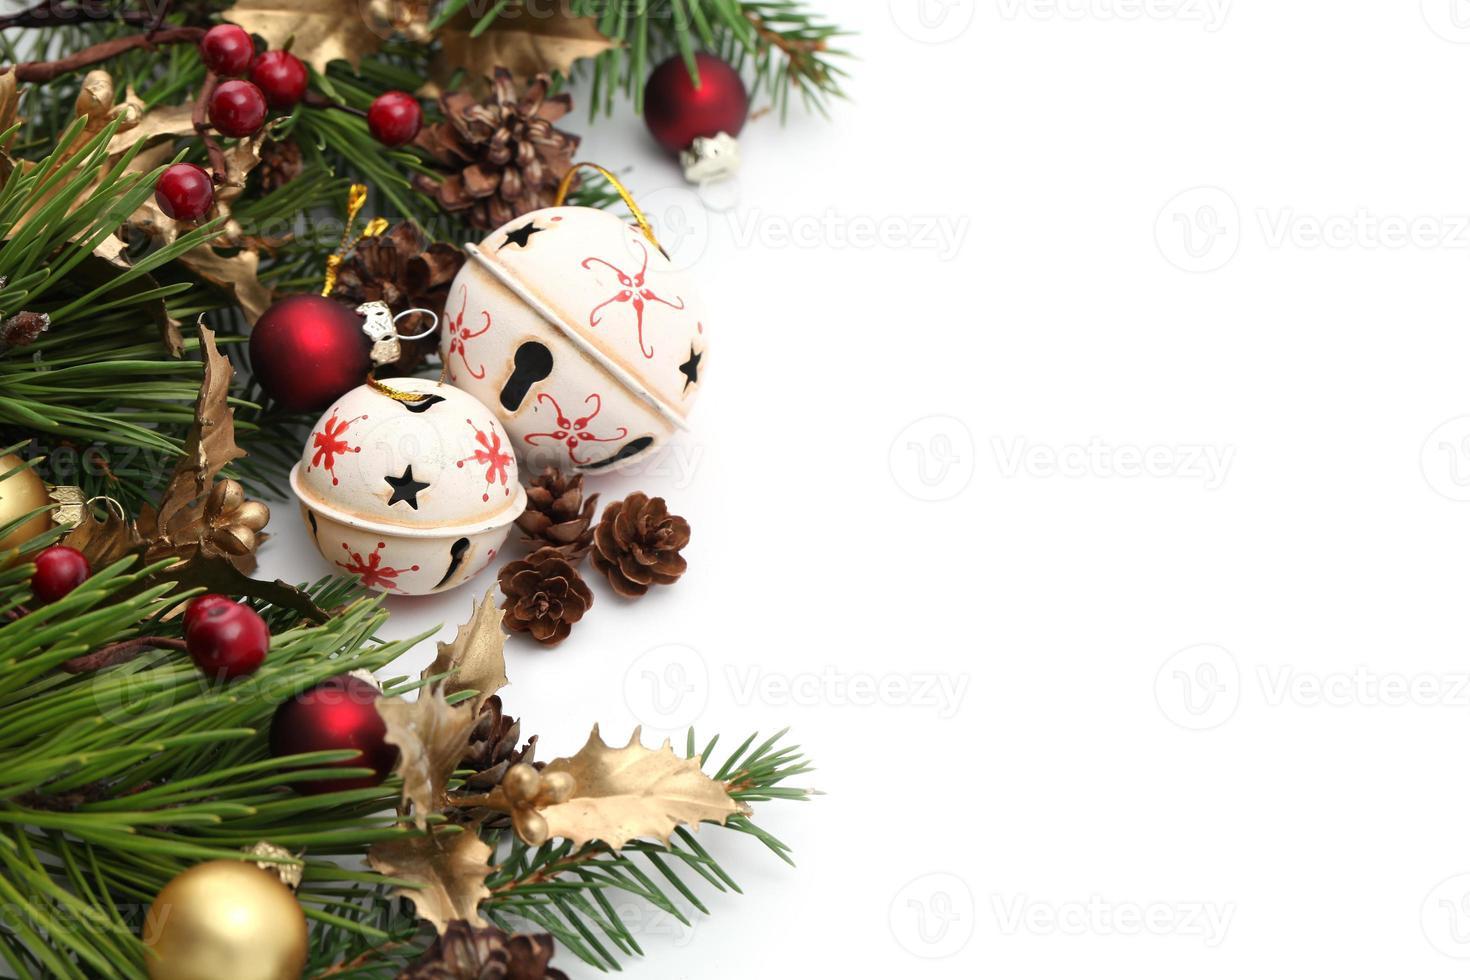 jingle bell kerst grens foto